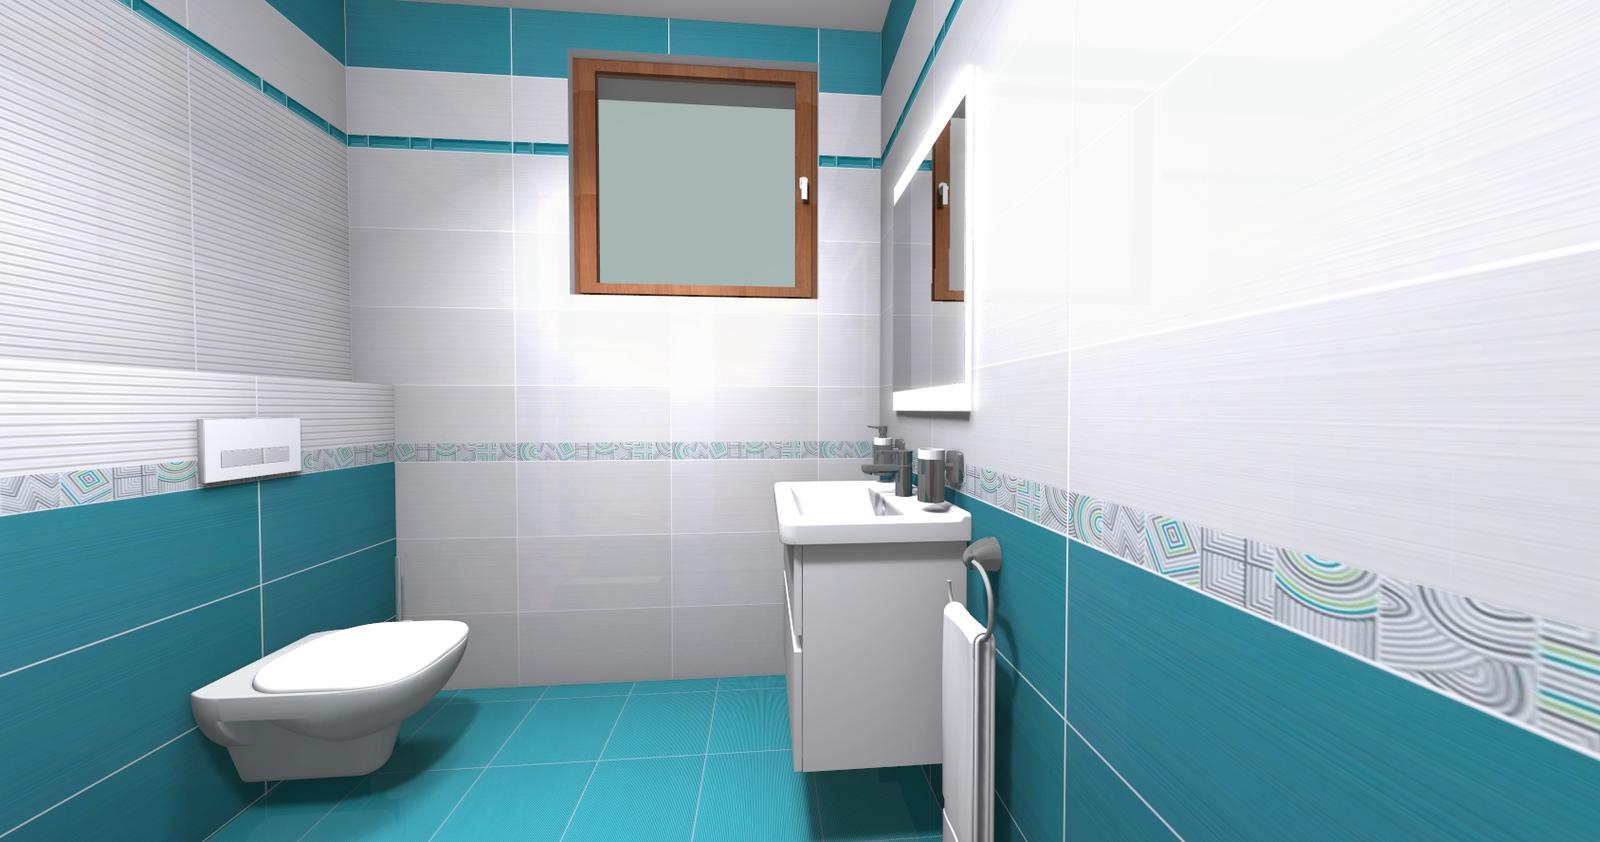 Kúpeľne - Malá kúpeľňa pohľad 1